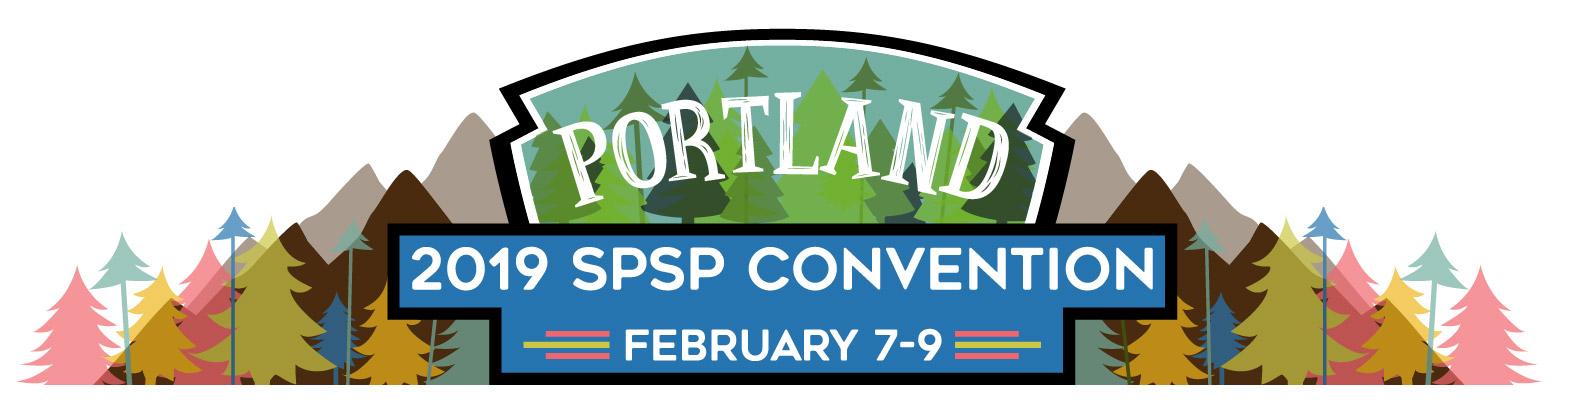 Portland2019-finallogo_color.jpg